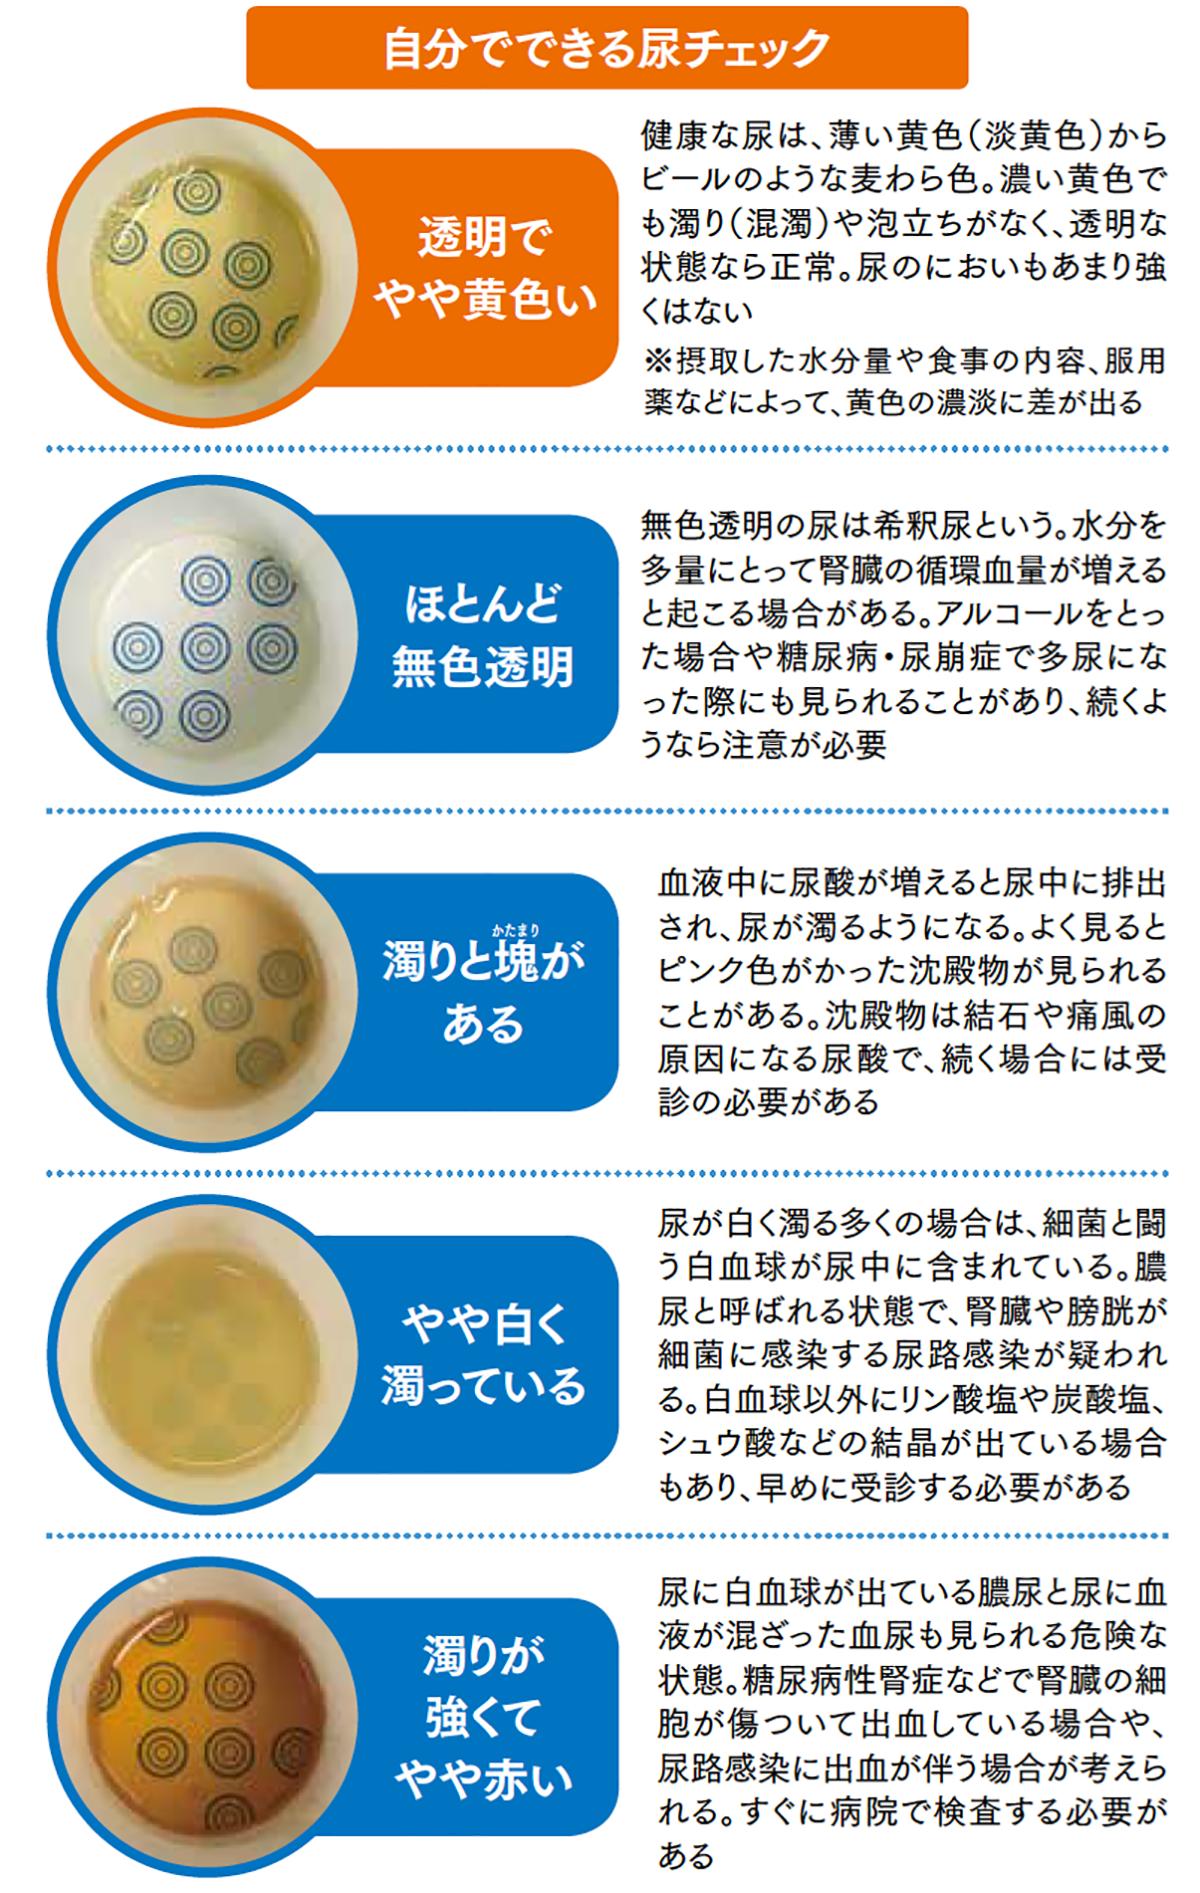 濁る 原因 尿